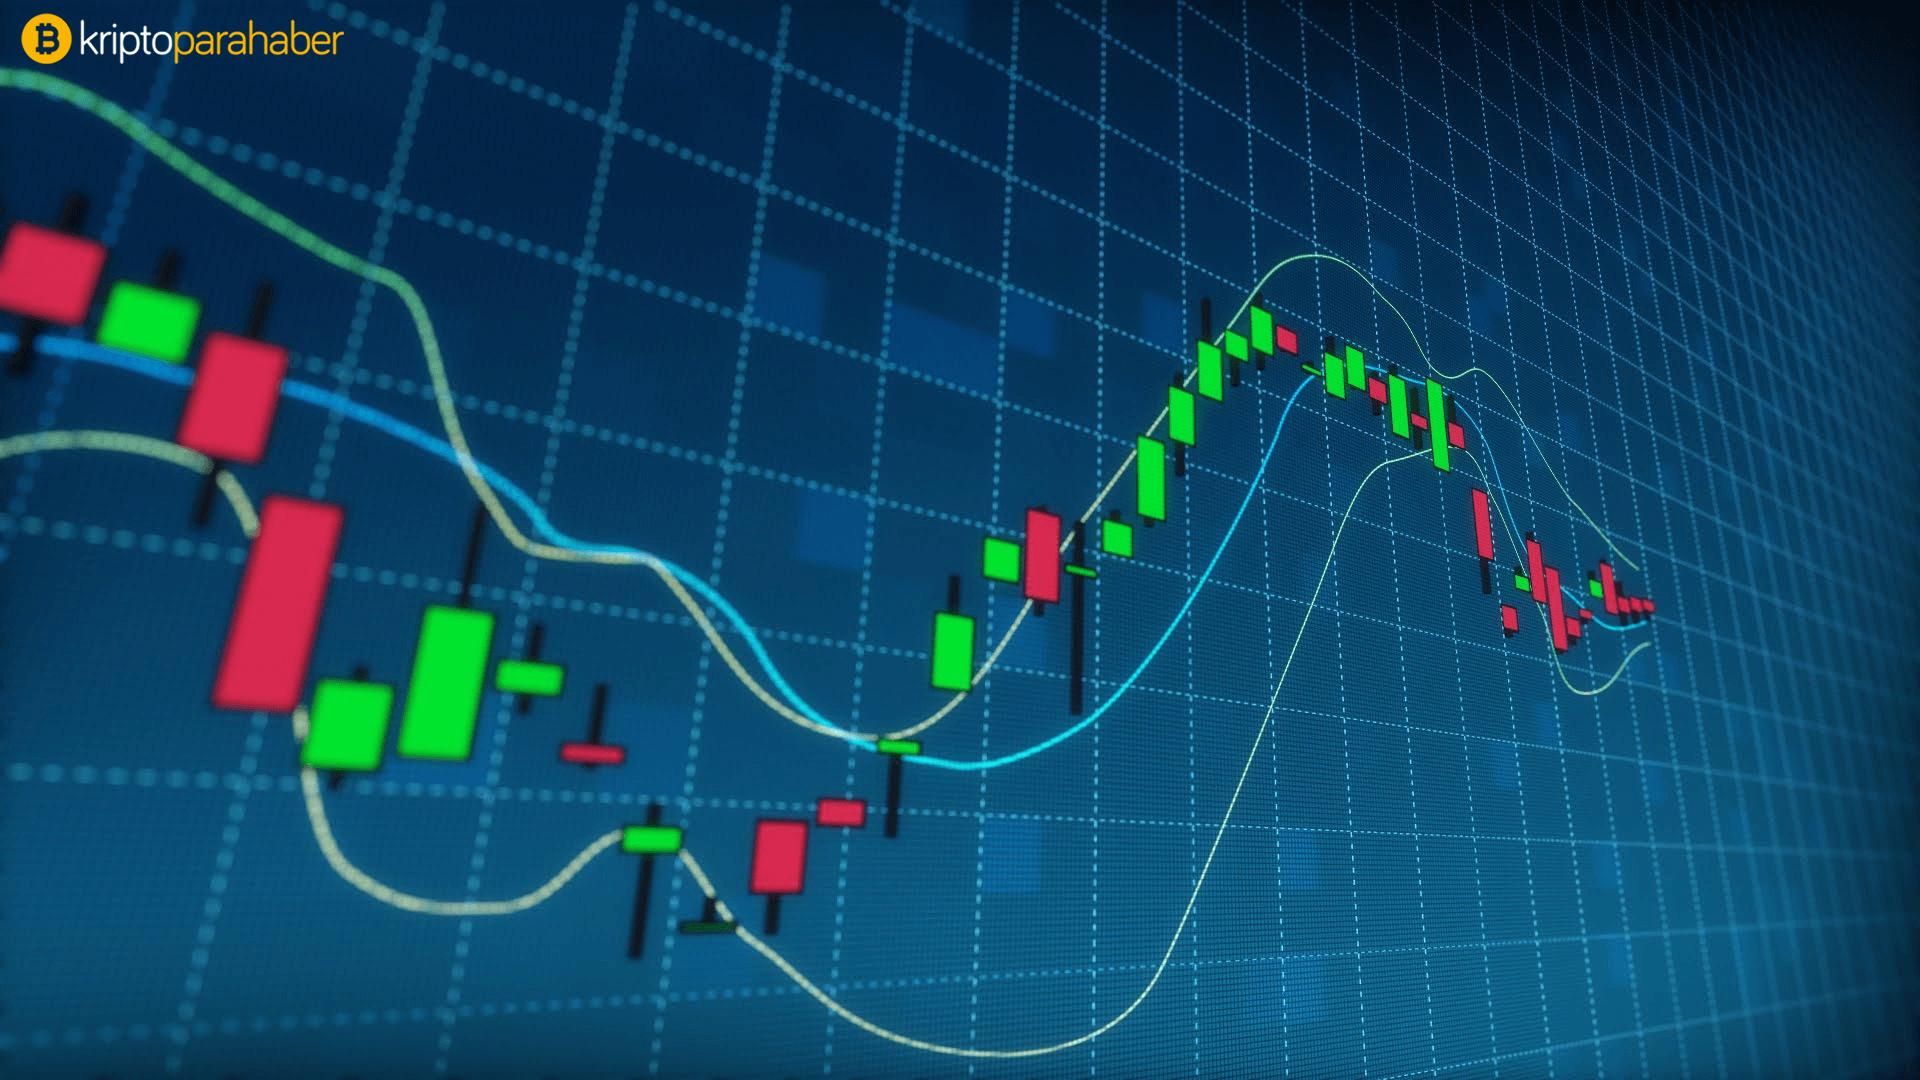 10 Eylül EOS fiyat analizi: EOS için beklenen seviyeler ve önemli noktalar